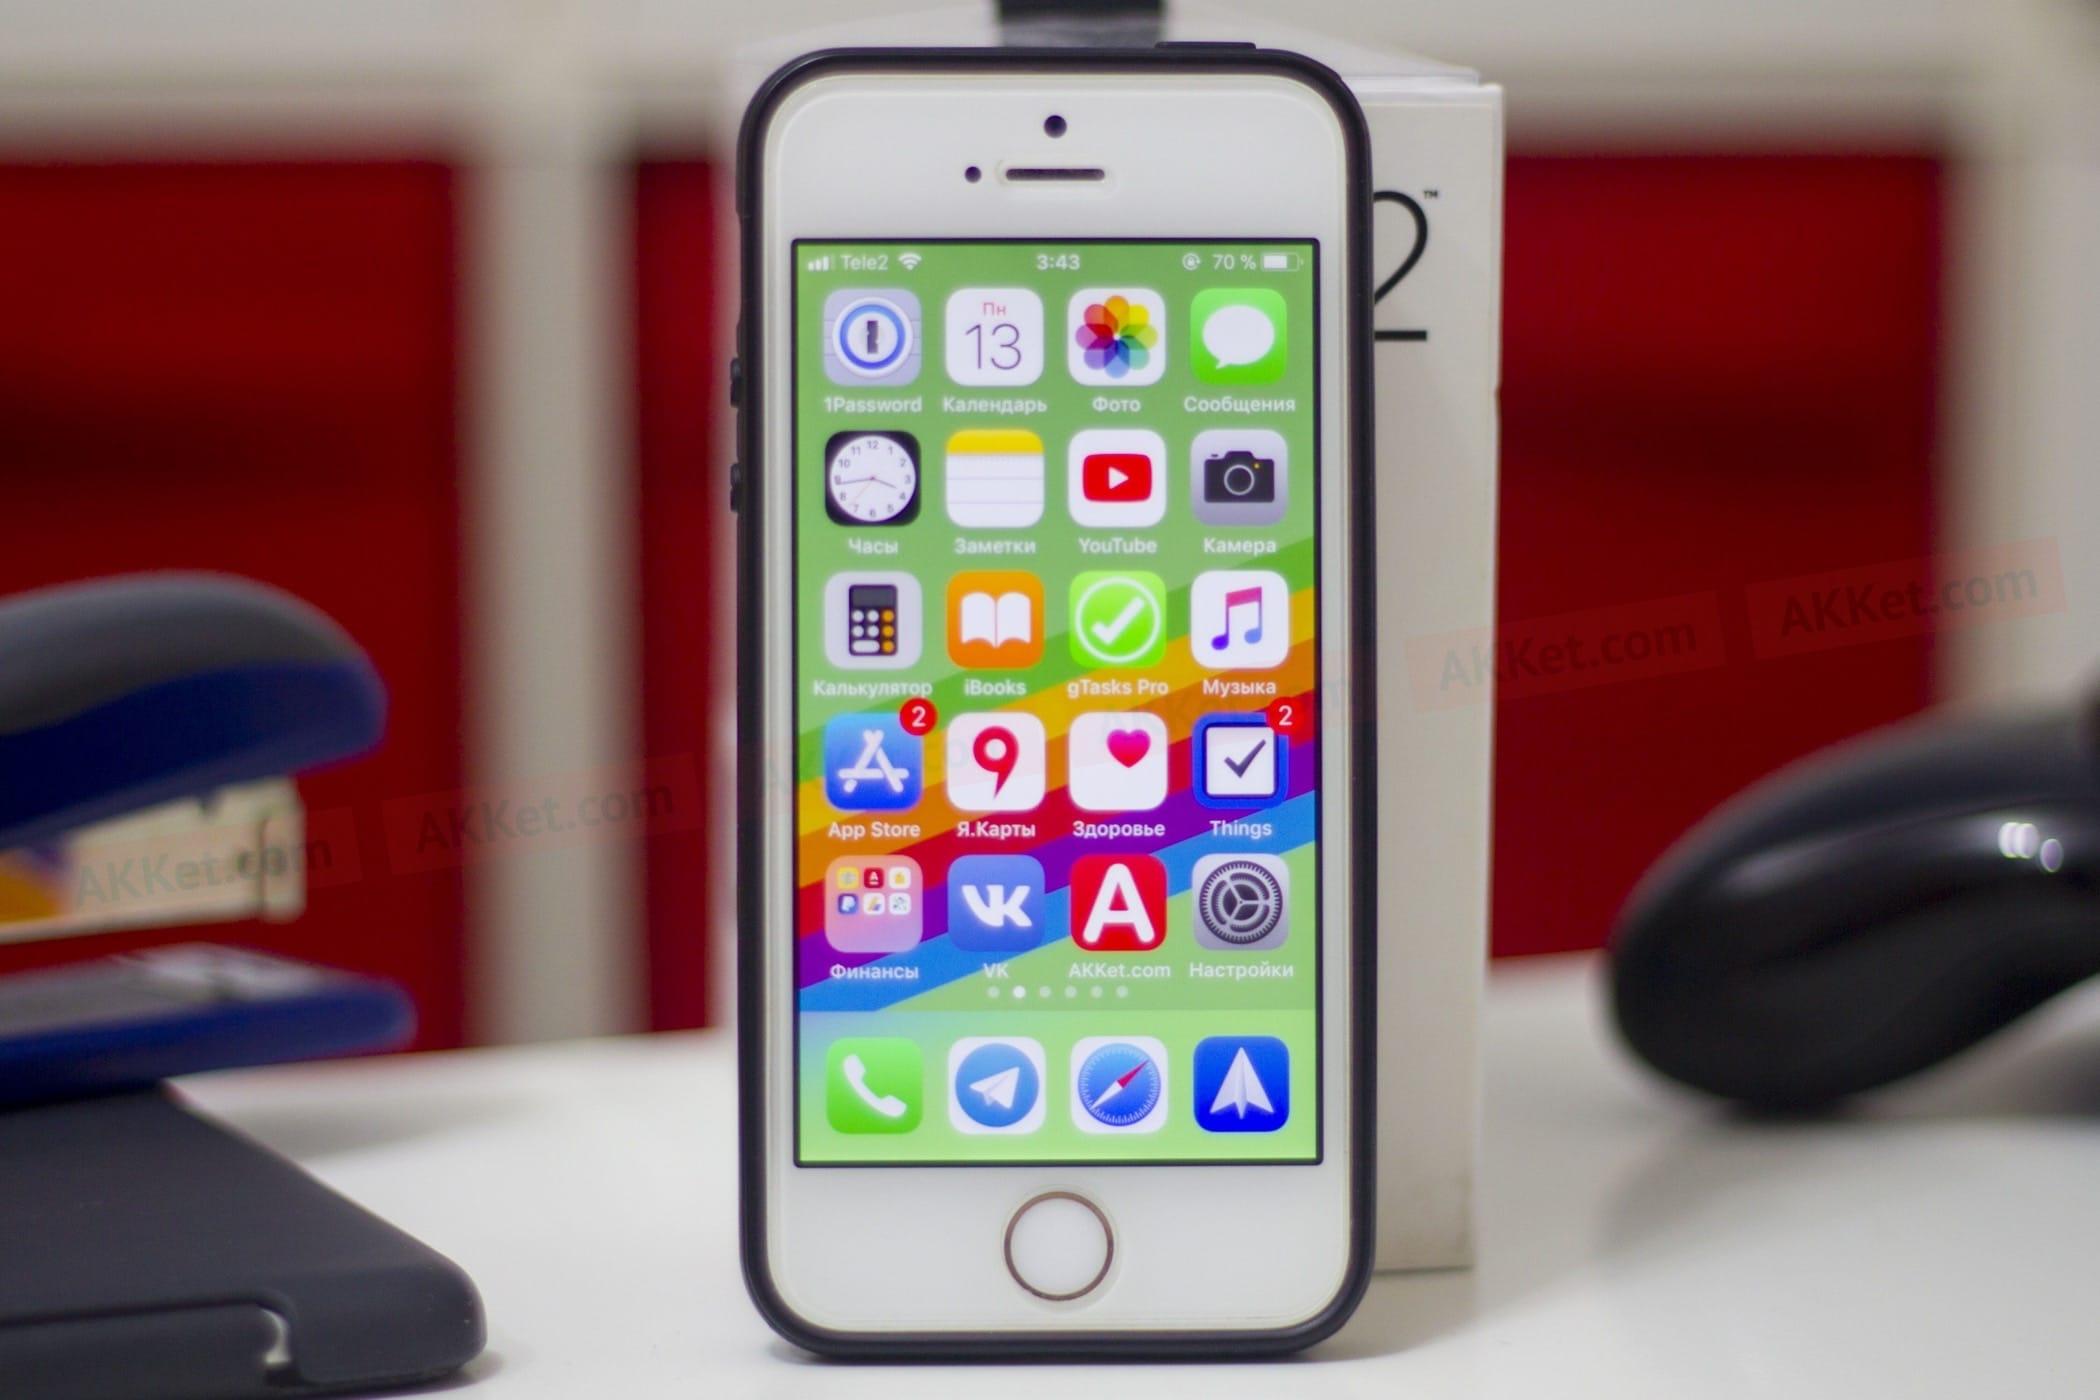 Вышли публичные бета-версии iOS 11.4 иtvOS 11.4